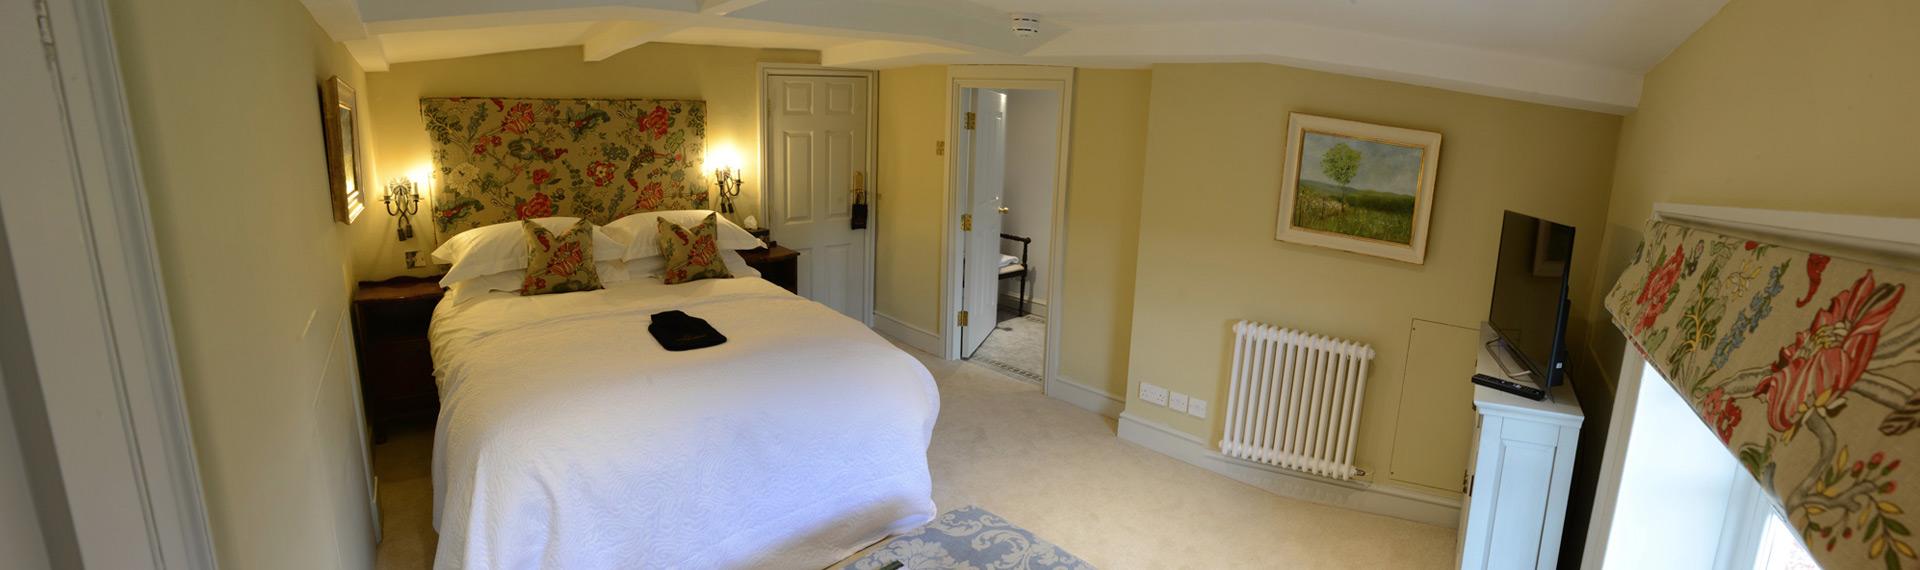 Room 6 -